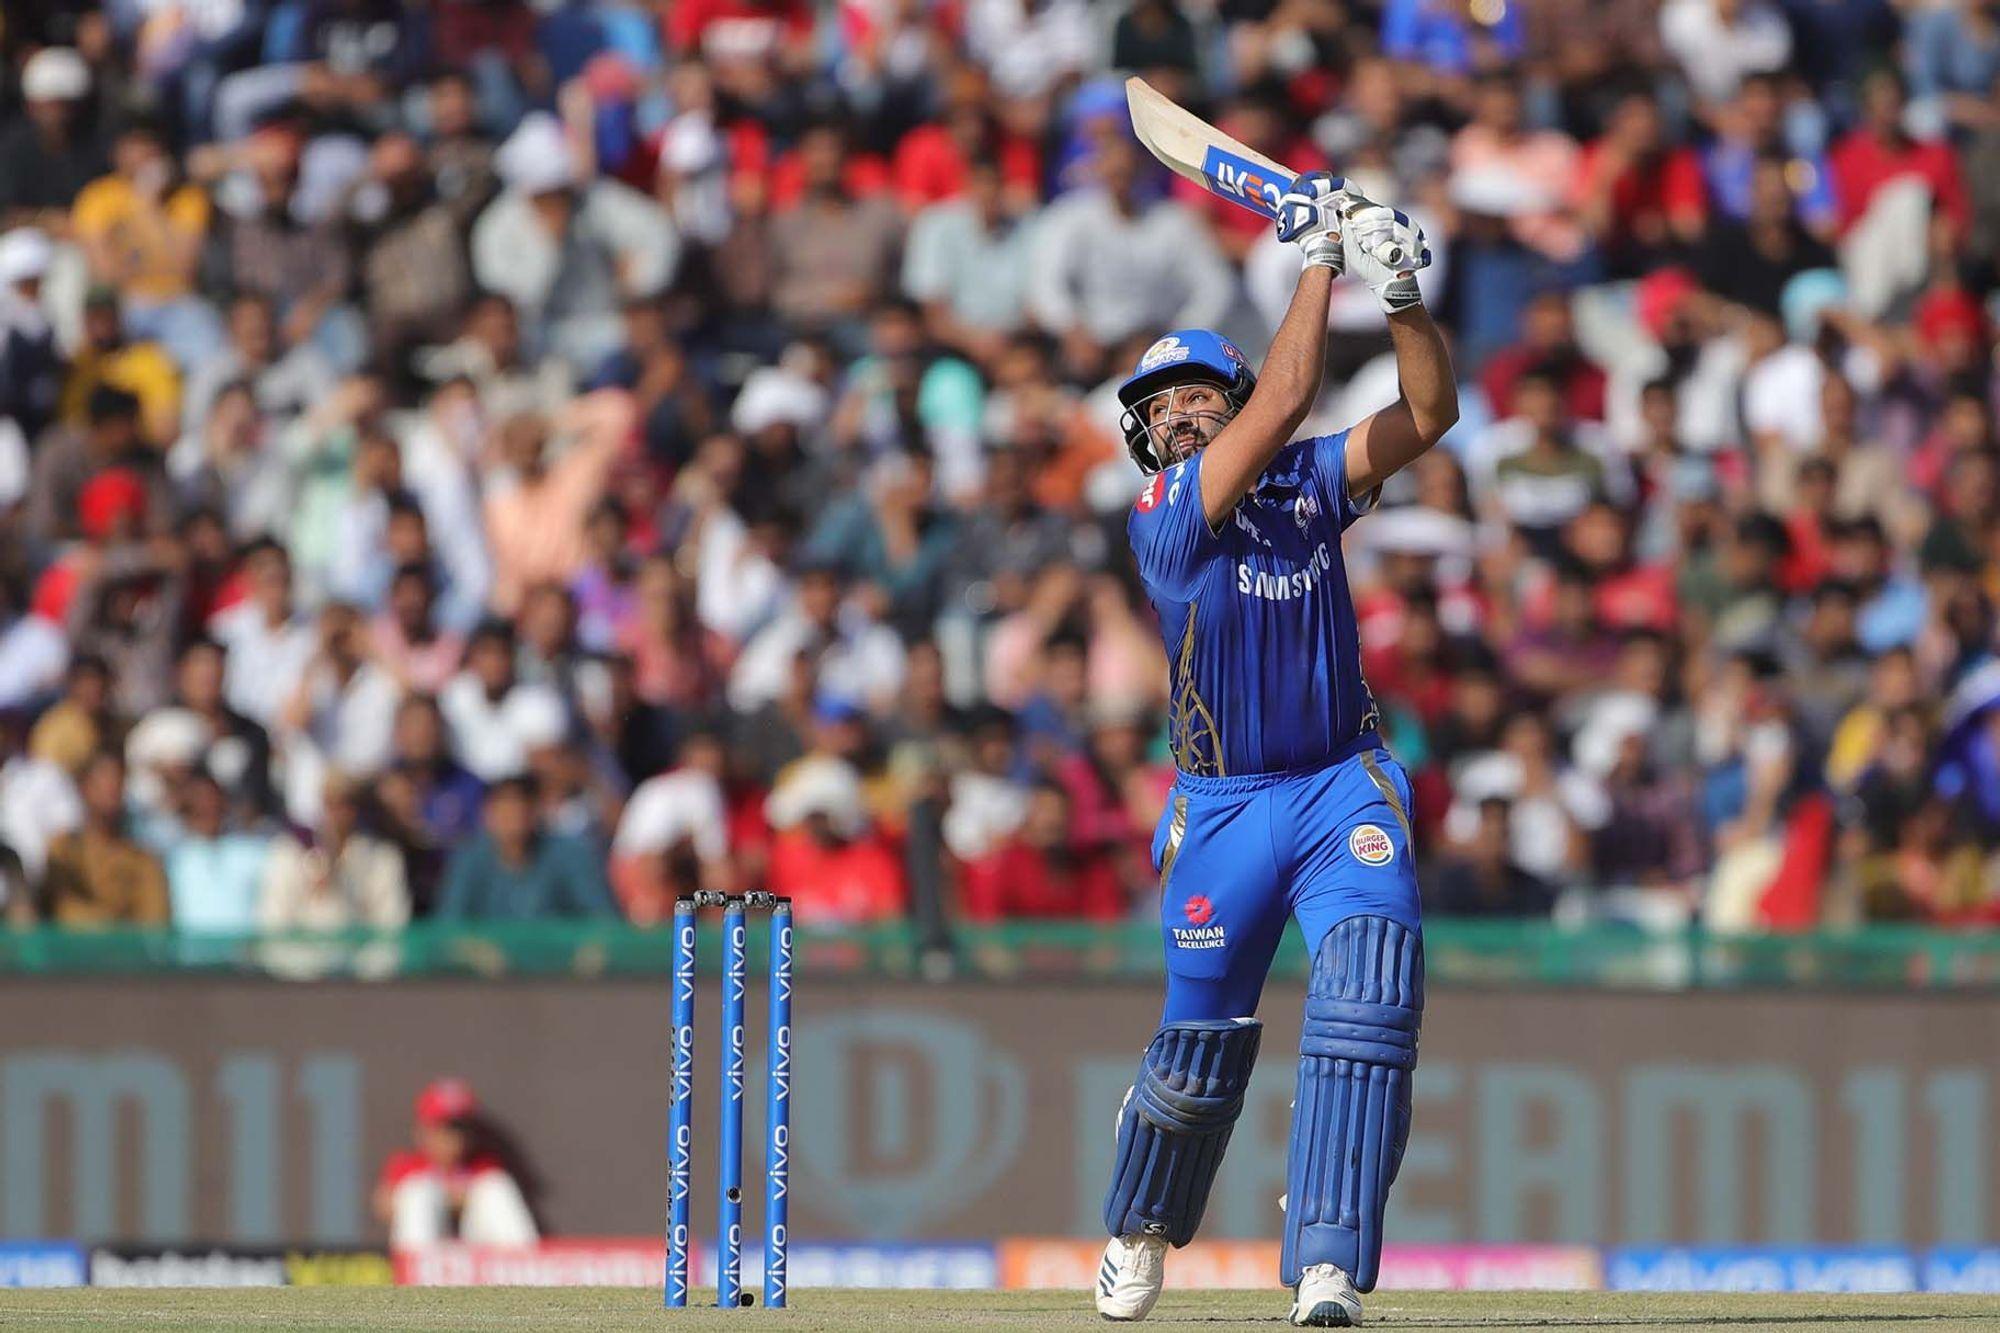 IPL 2019: रोहित शर्मा नहीं तोड़ सके सुरेश रैना का ऐतिहासिक रिकॉर्ड, अब लंबे समय तक कायम रहेगा रैना का ये रिकॉर्ड 3